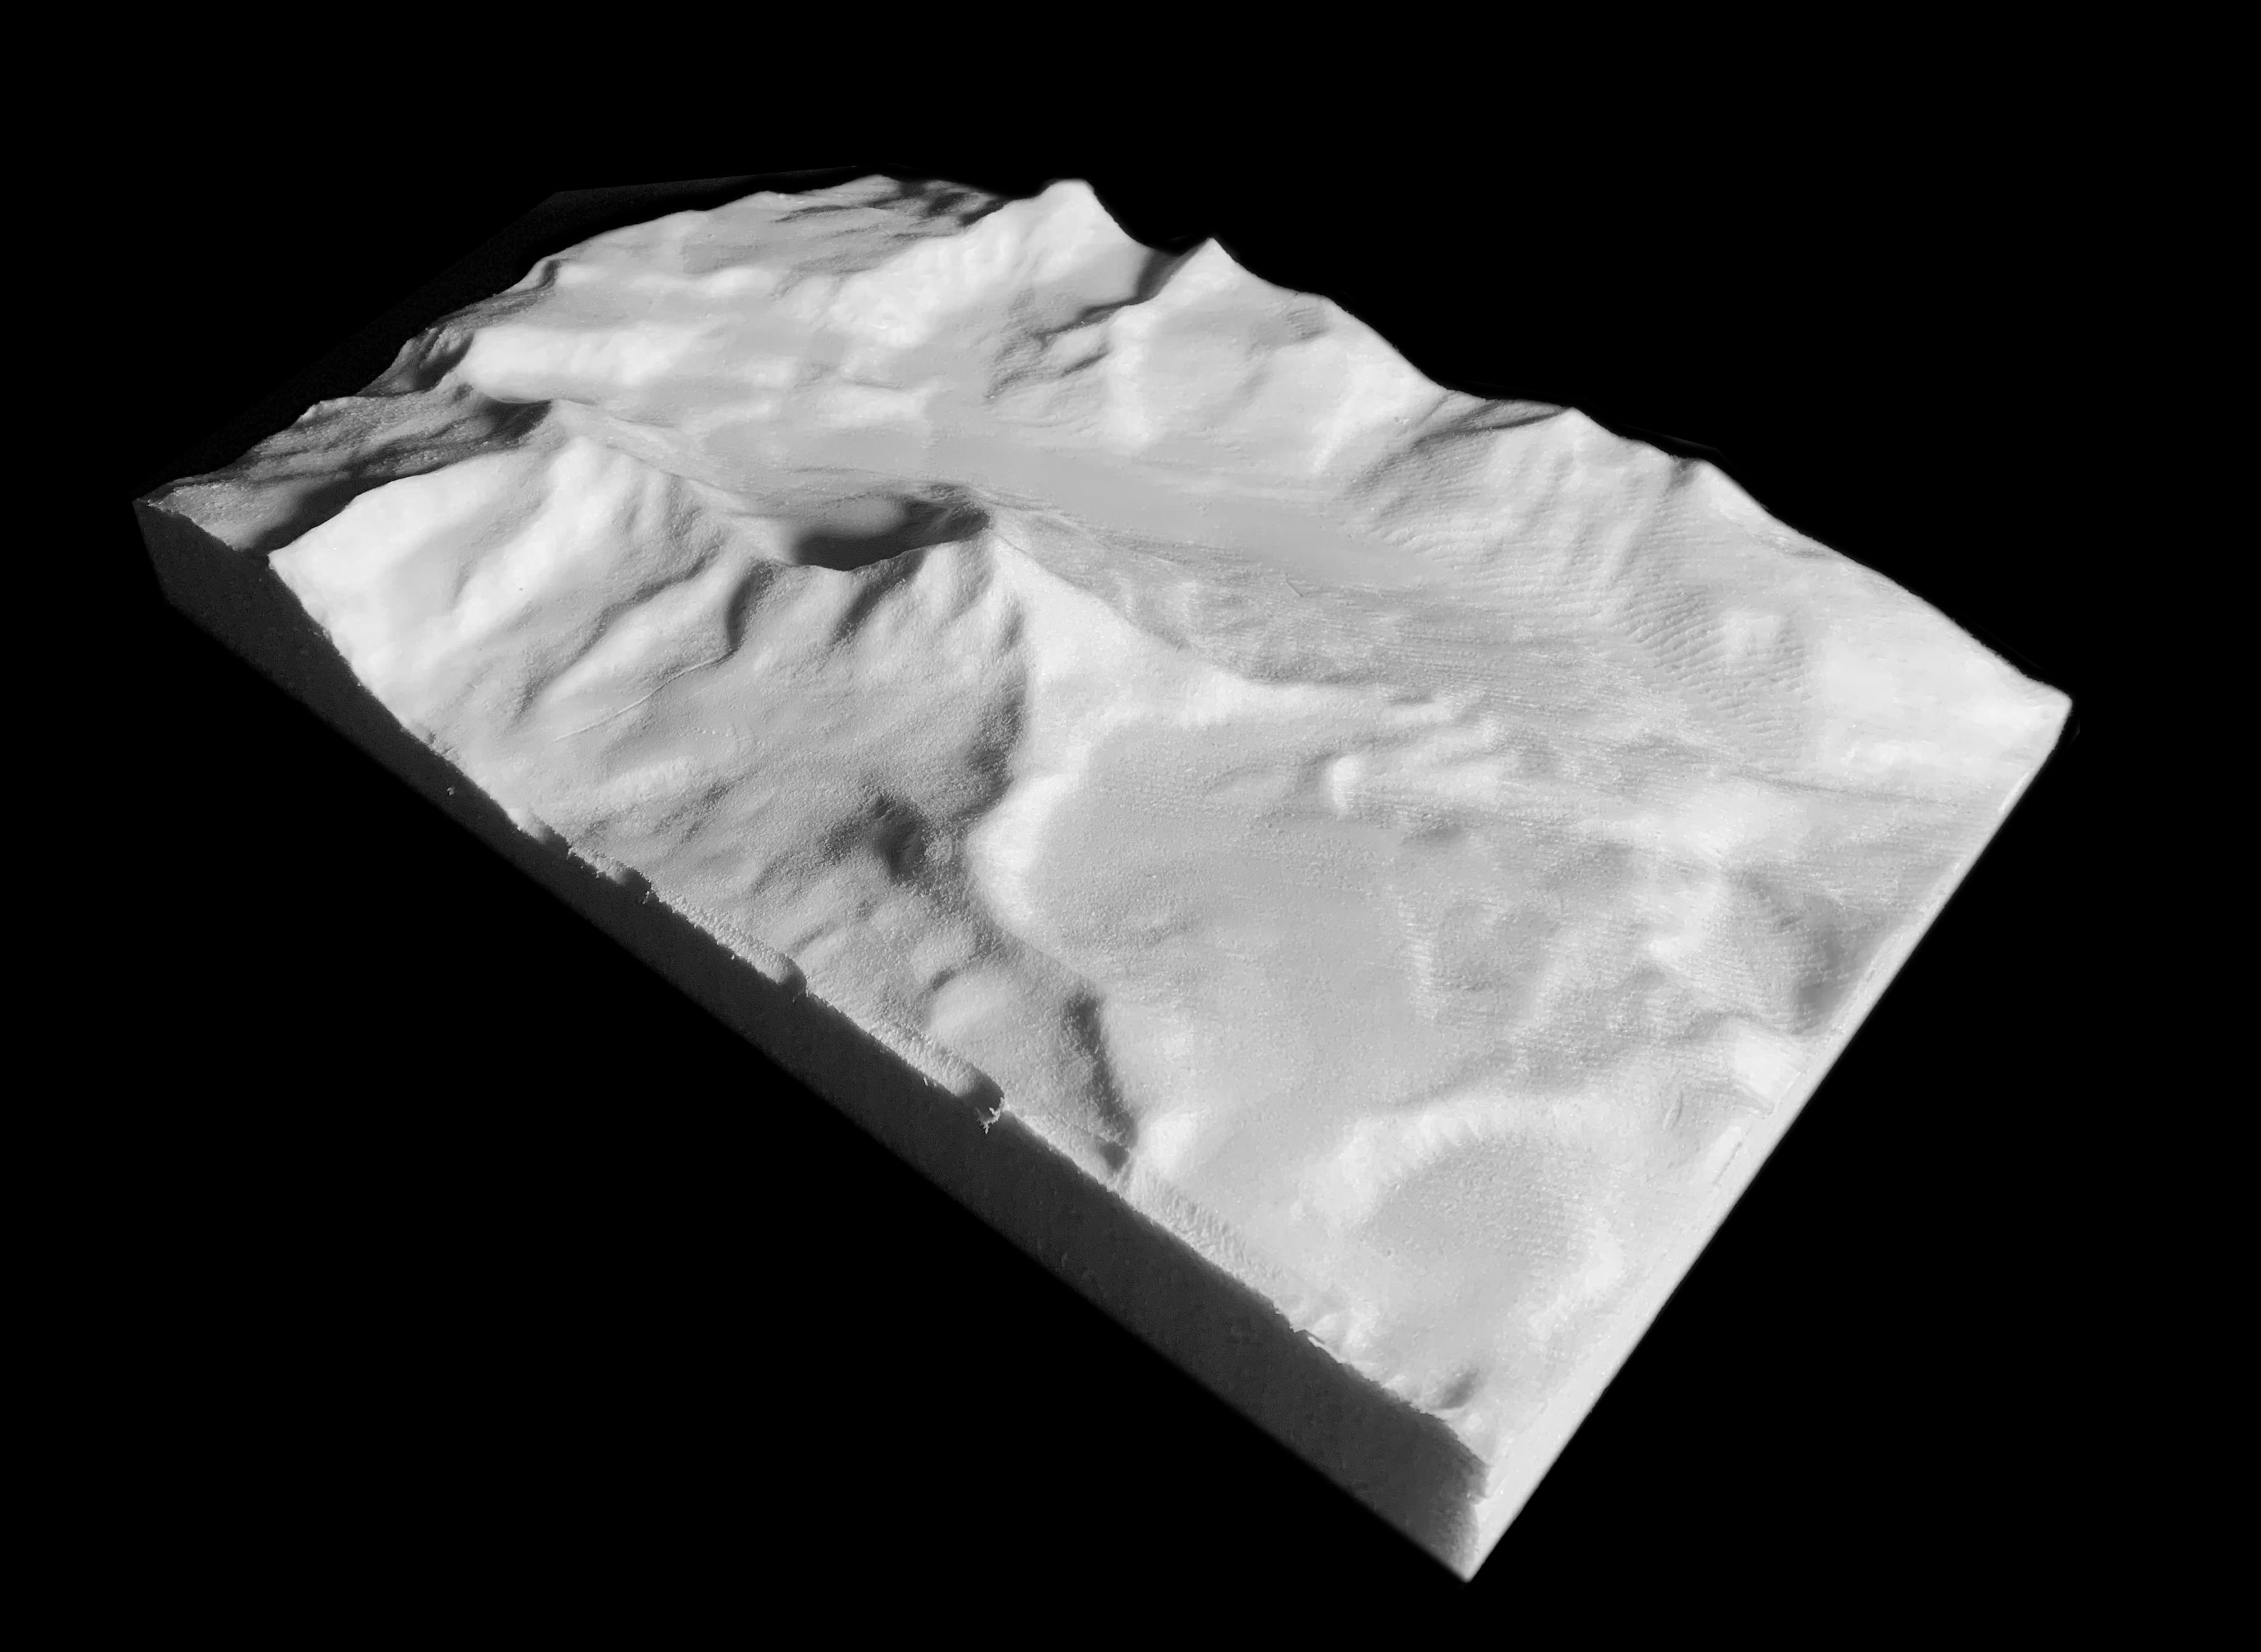 CNC machined Matterhorn topography using Fusion 360 - Jonathan Malott